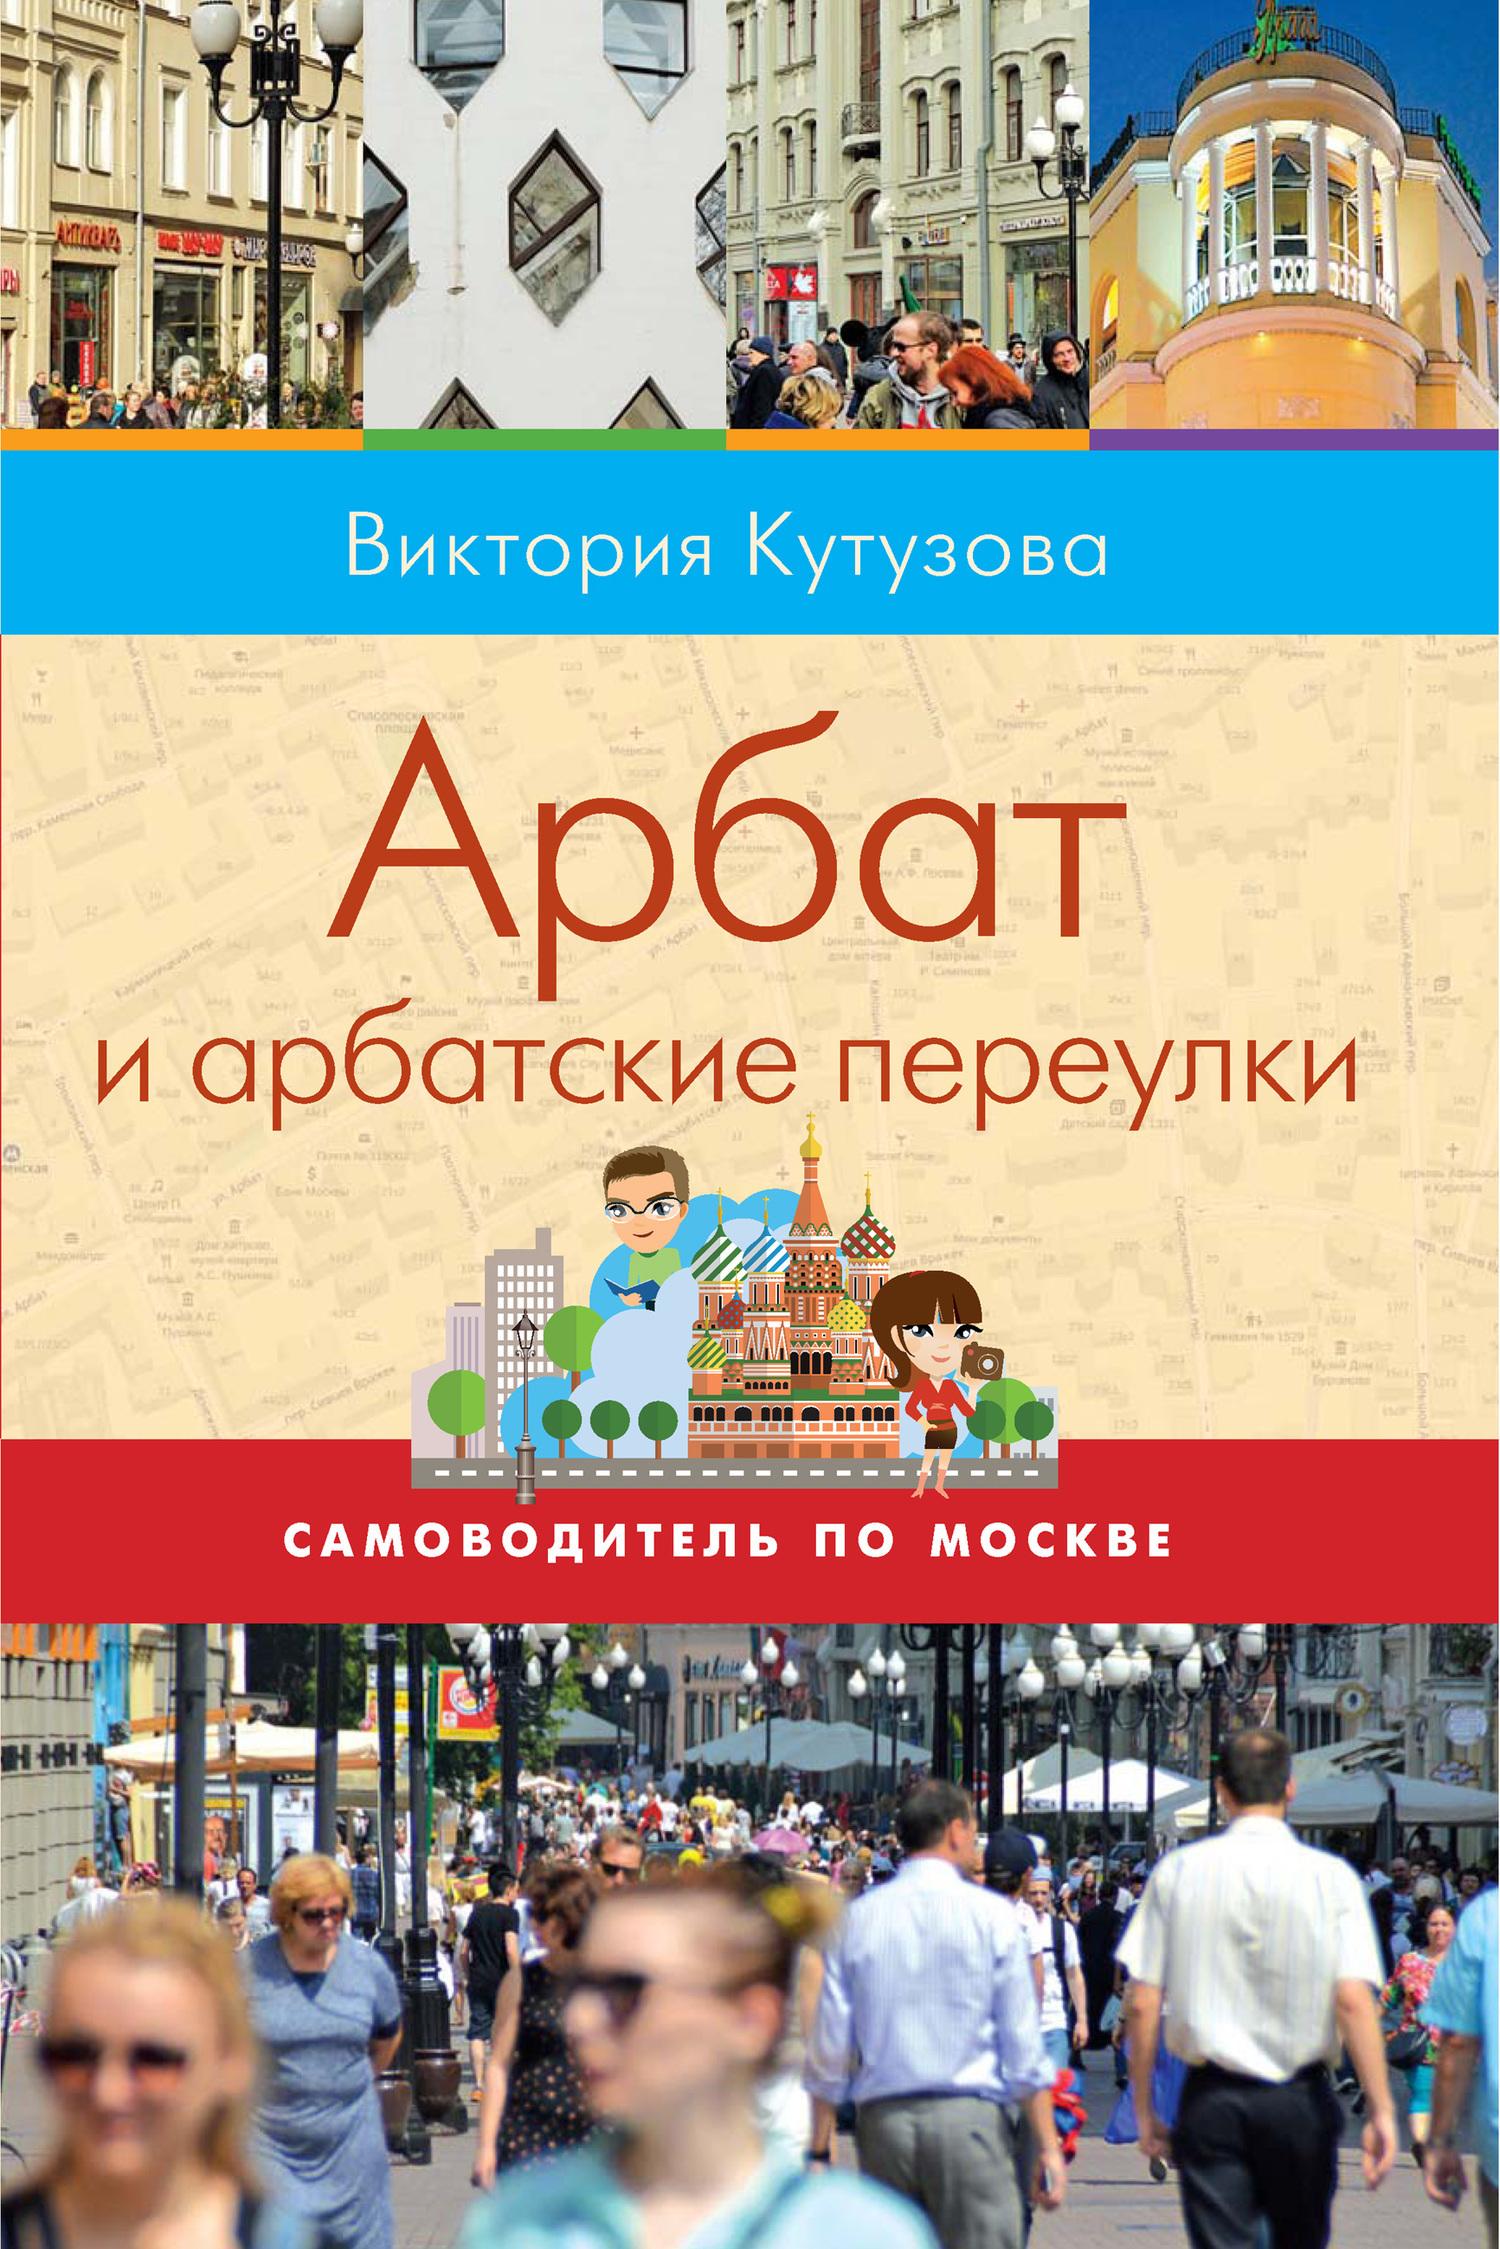 Самоводитель по Москве. Маршрут: Арбат и арбатские переулки